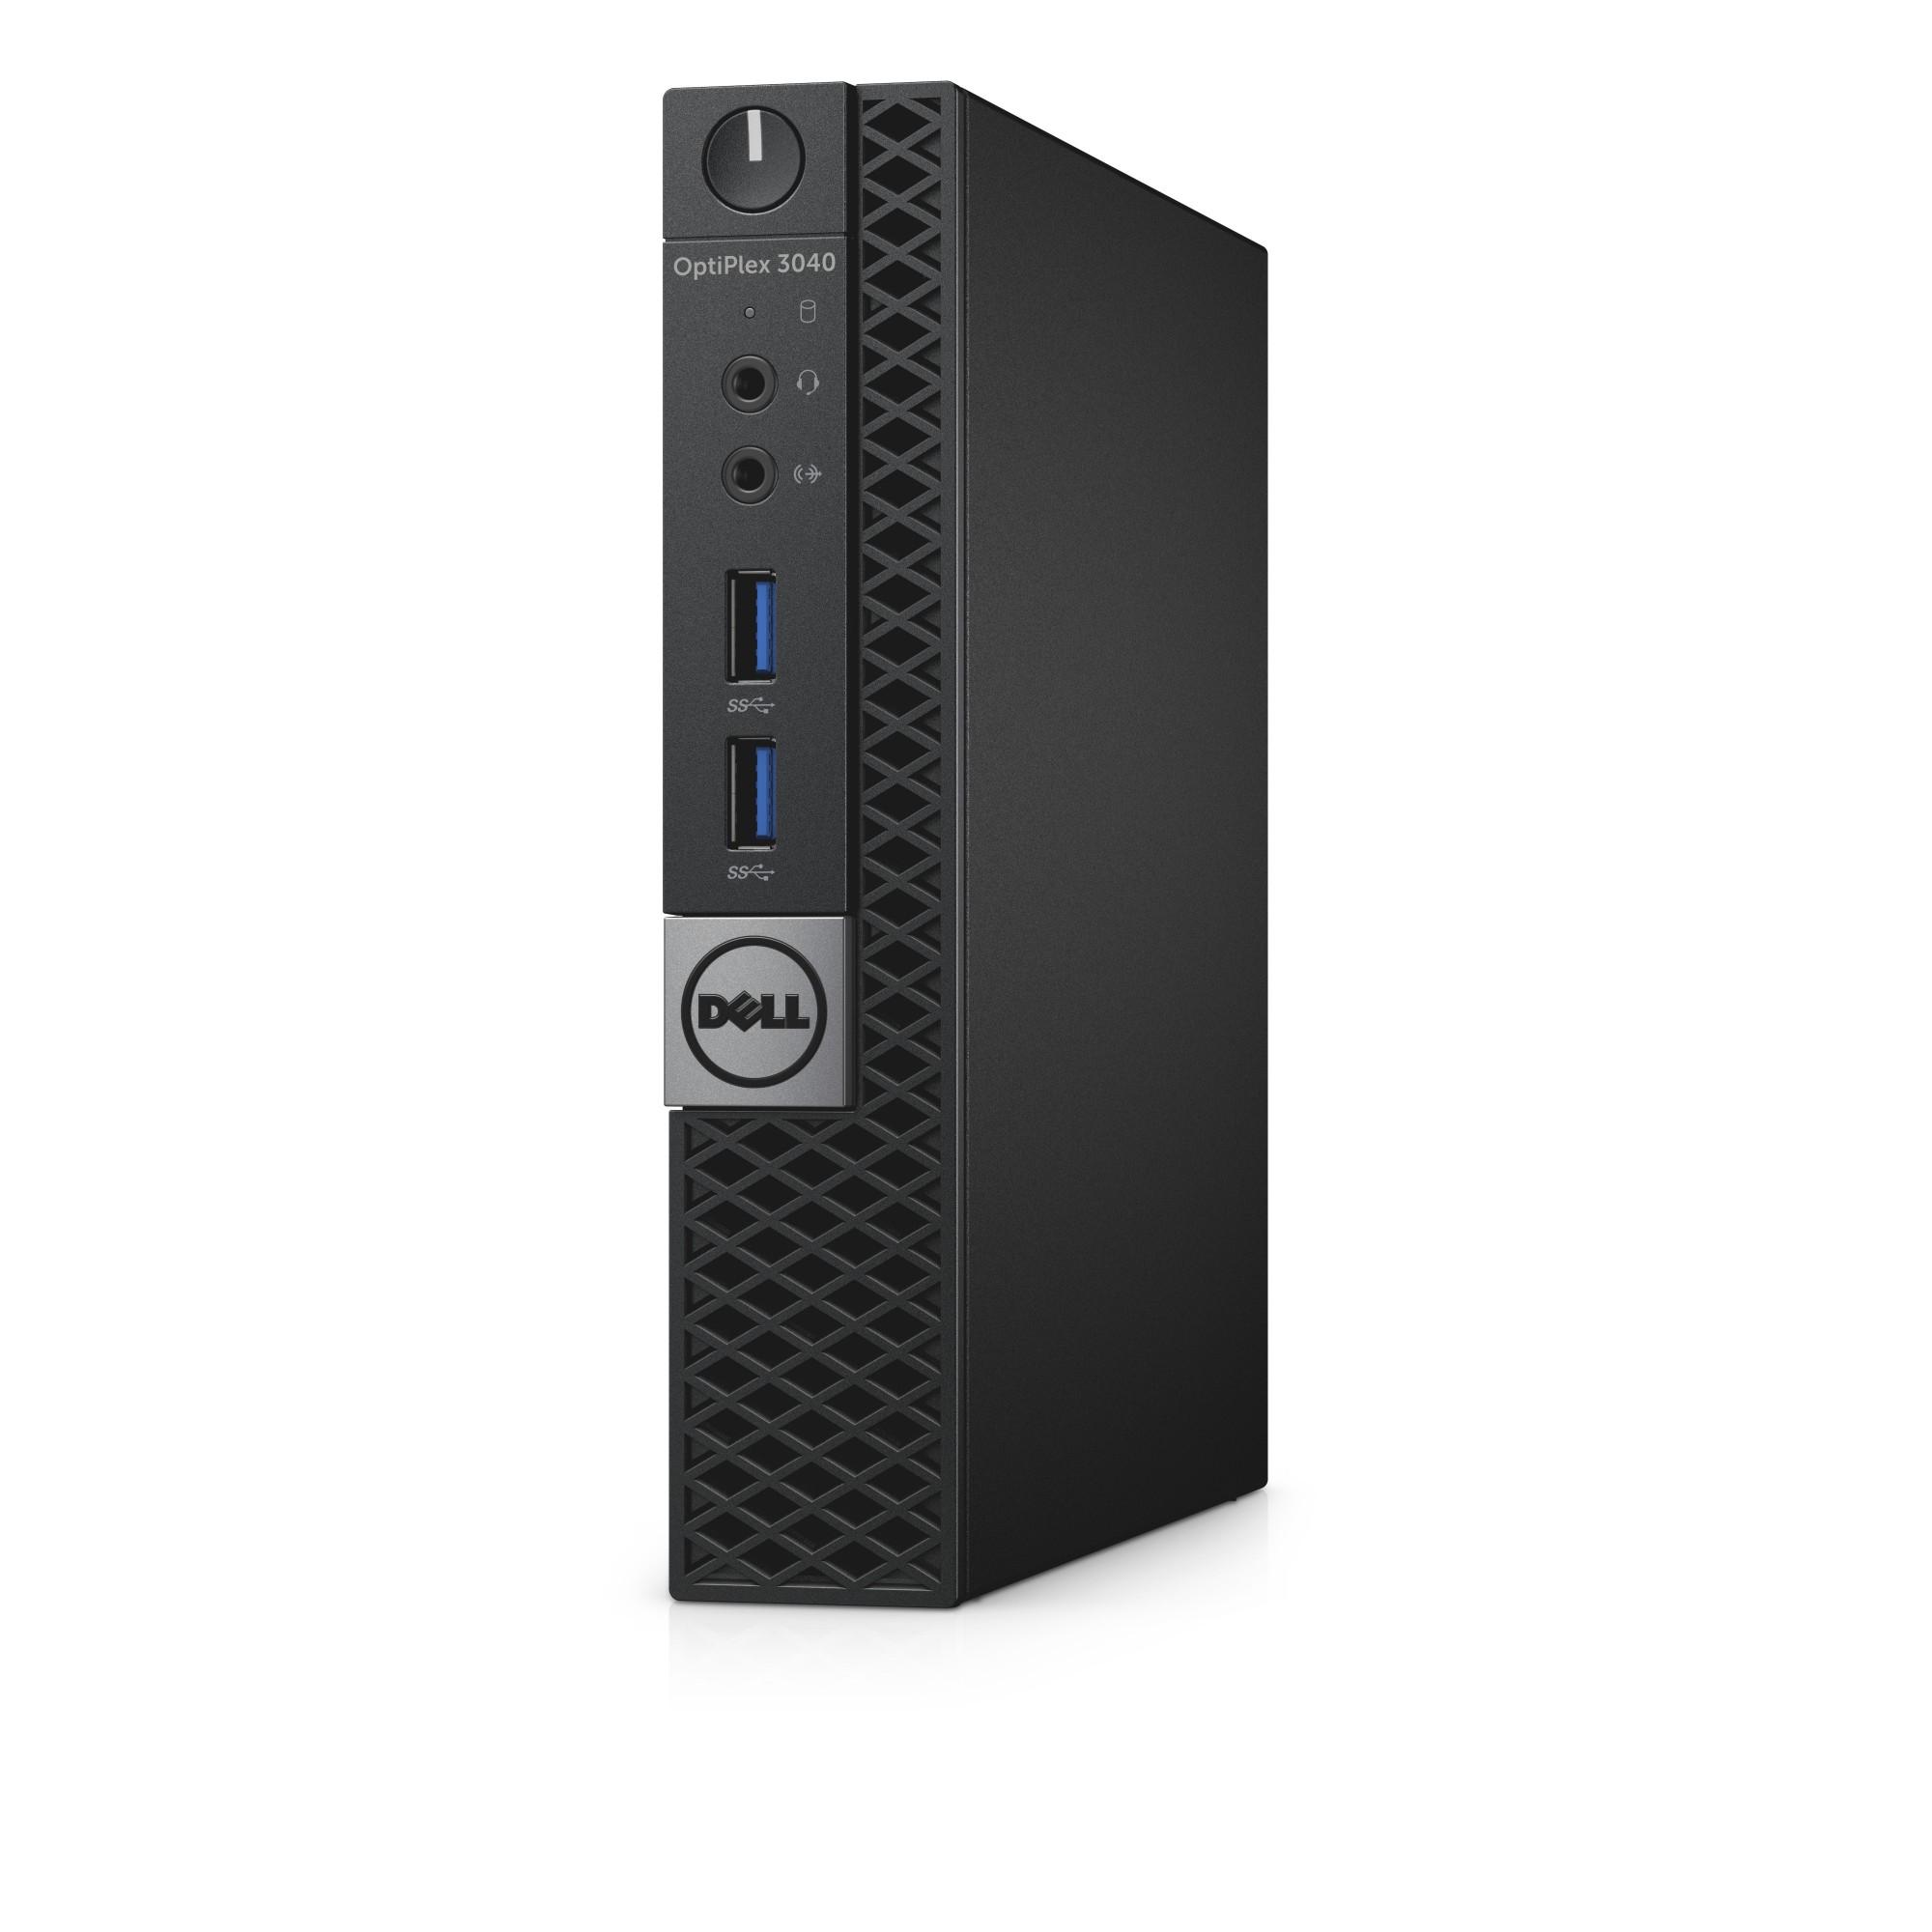 DELL OptiPlex 3040 3.2GHz i3-6100T 1.2L sized PC Black Mini PC